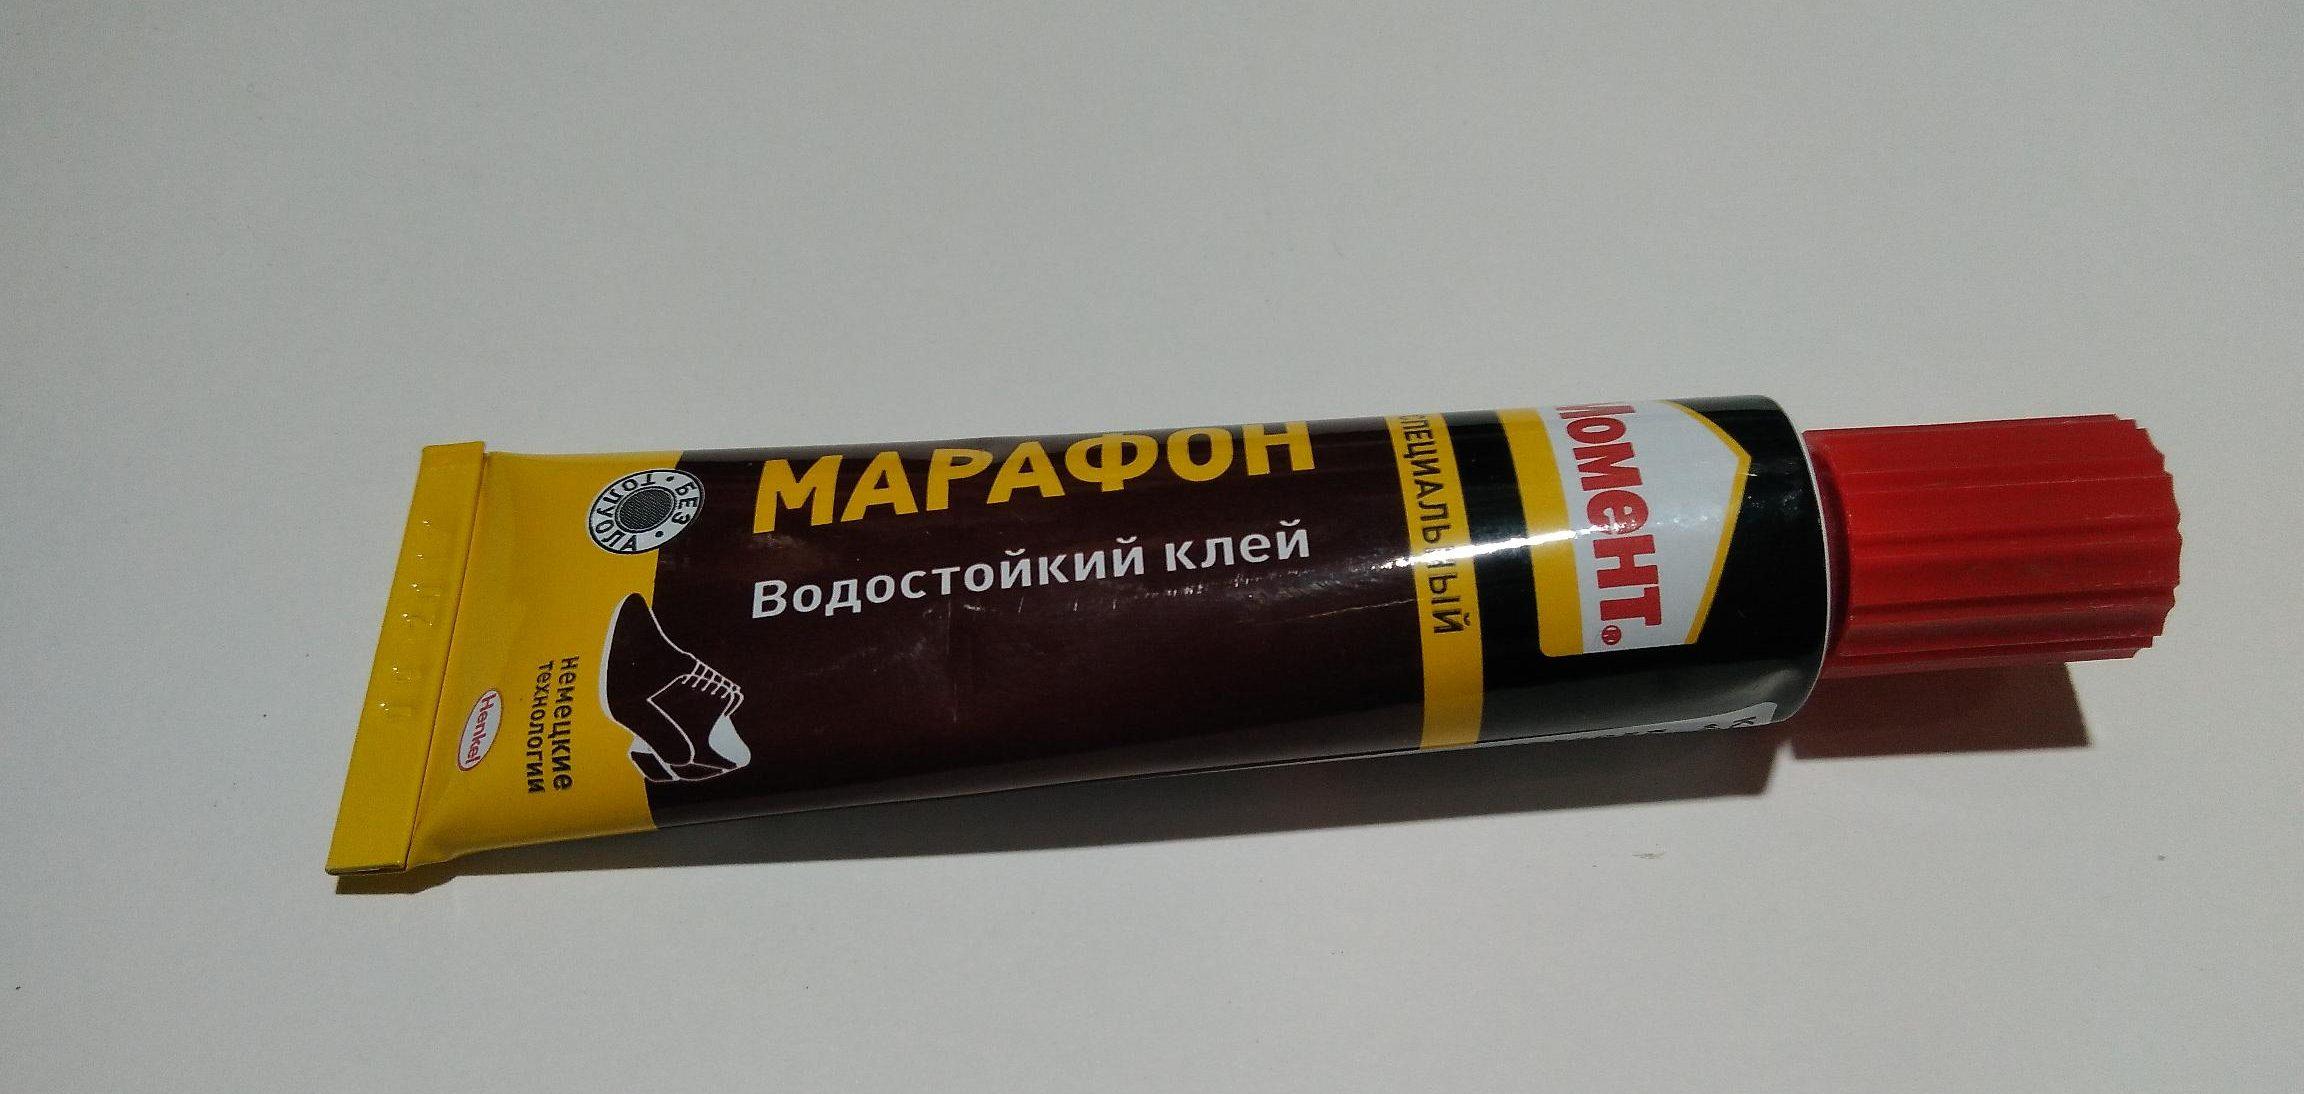 Монтаж резинки на холодильнике